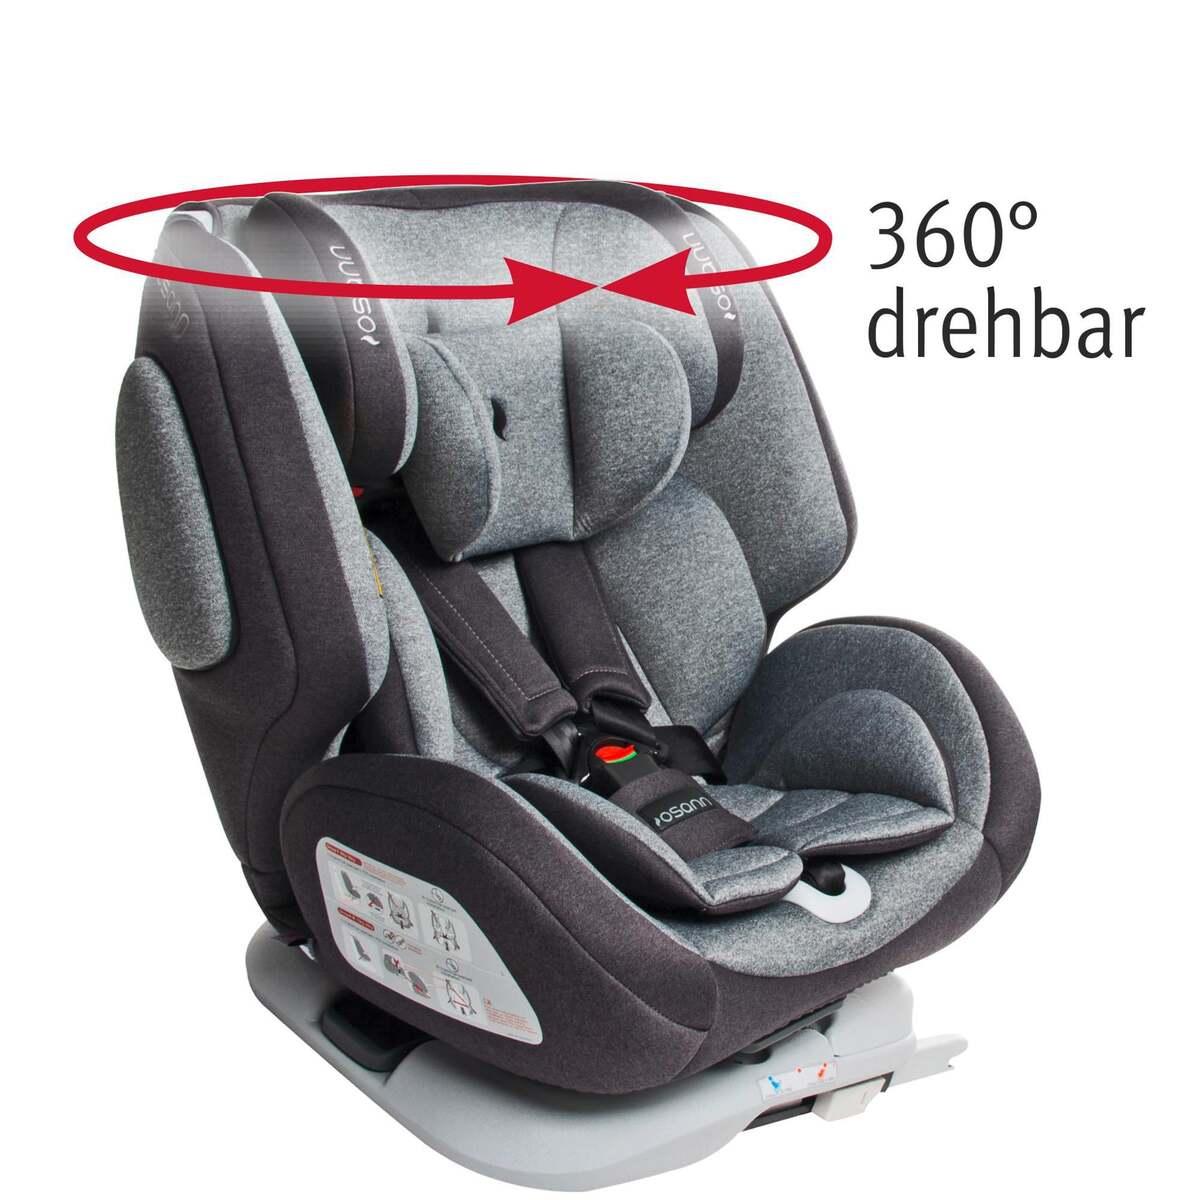 Bild 1 von osann Kinderautositz One360° Universe Grey